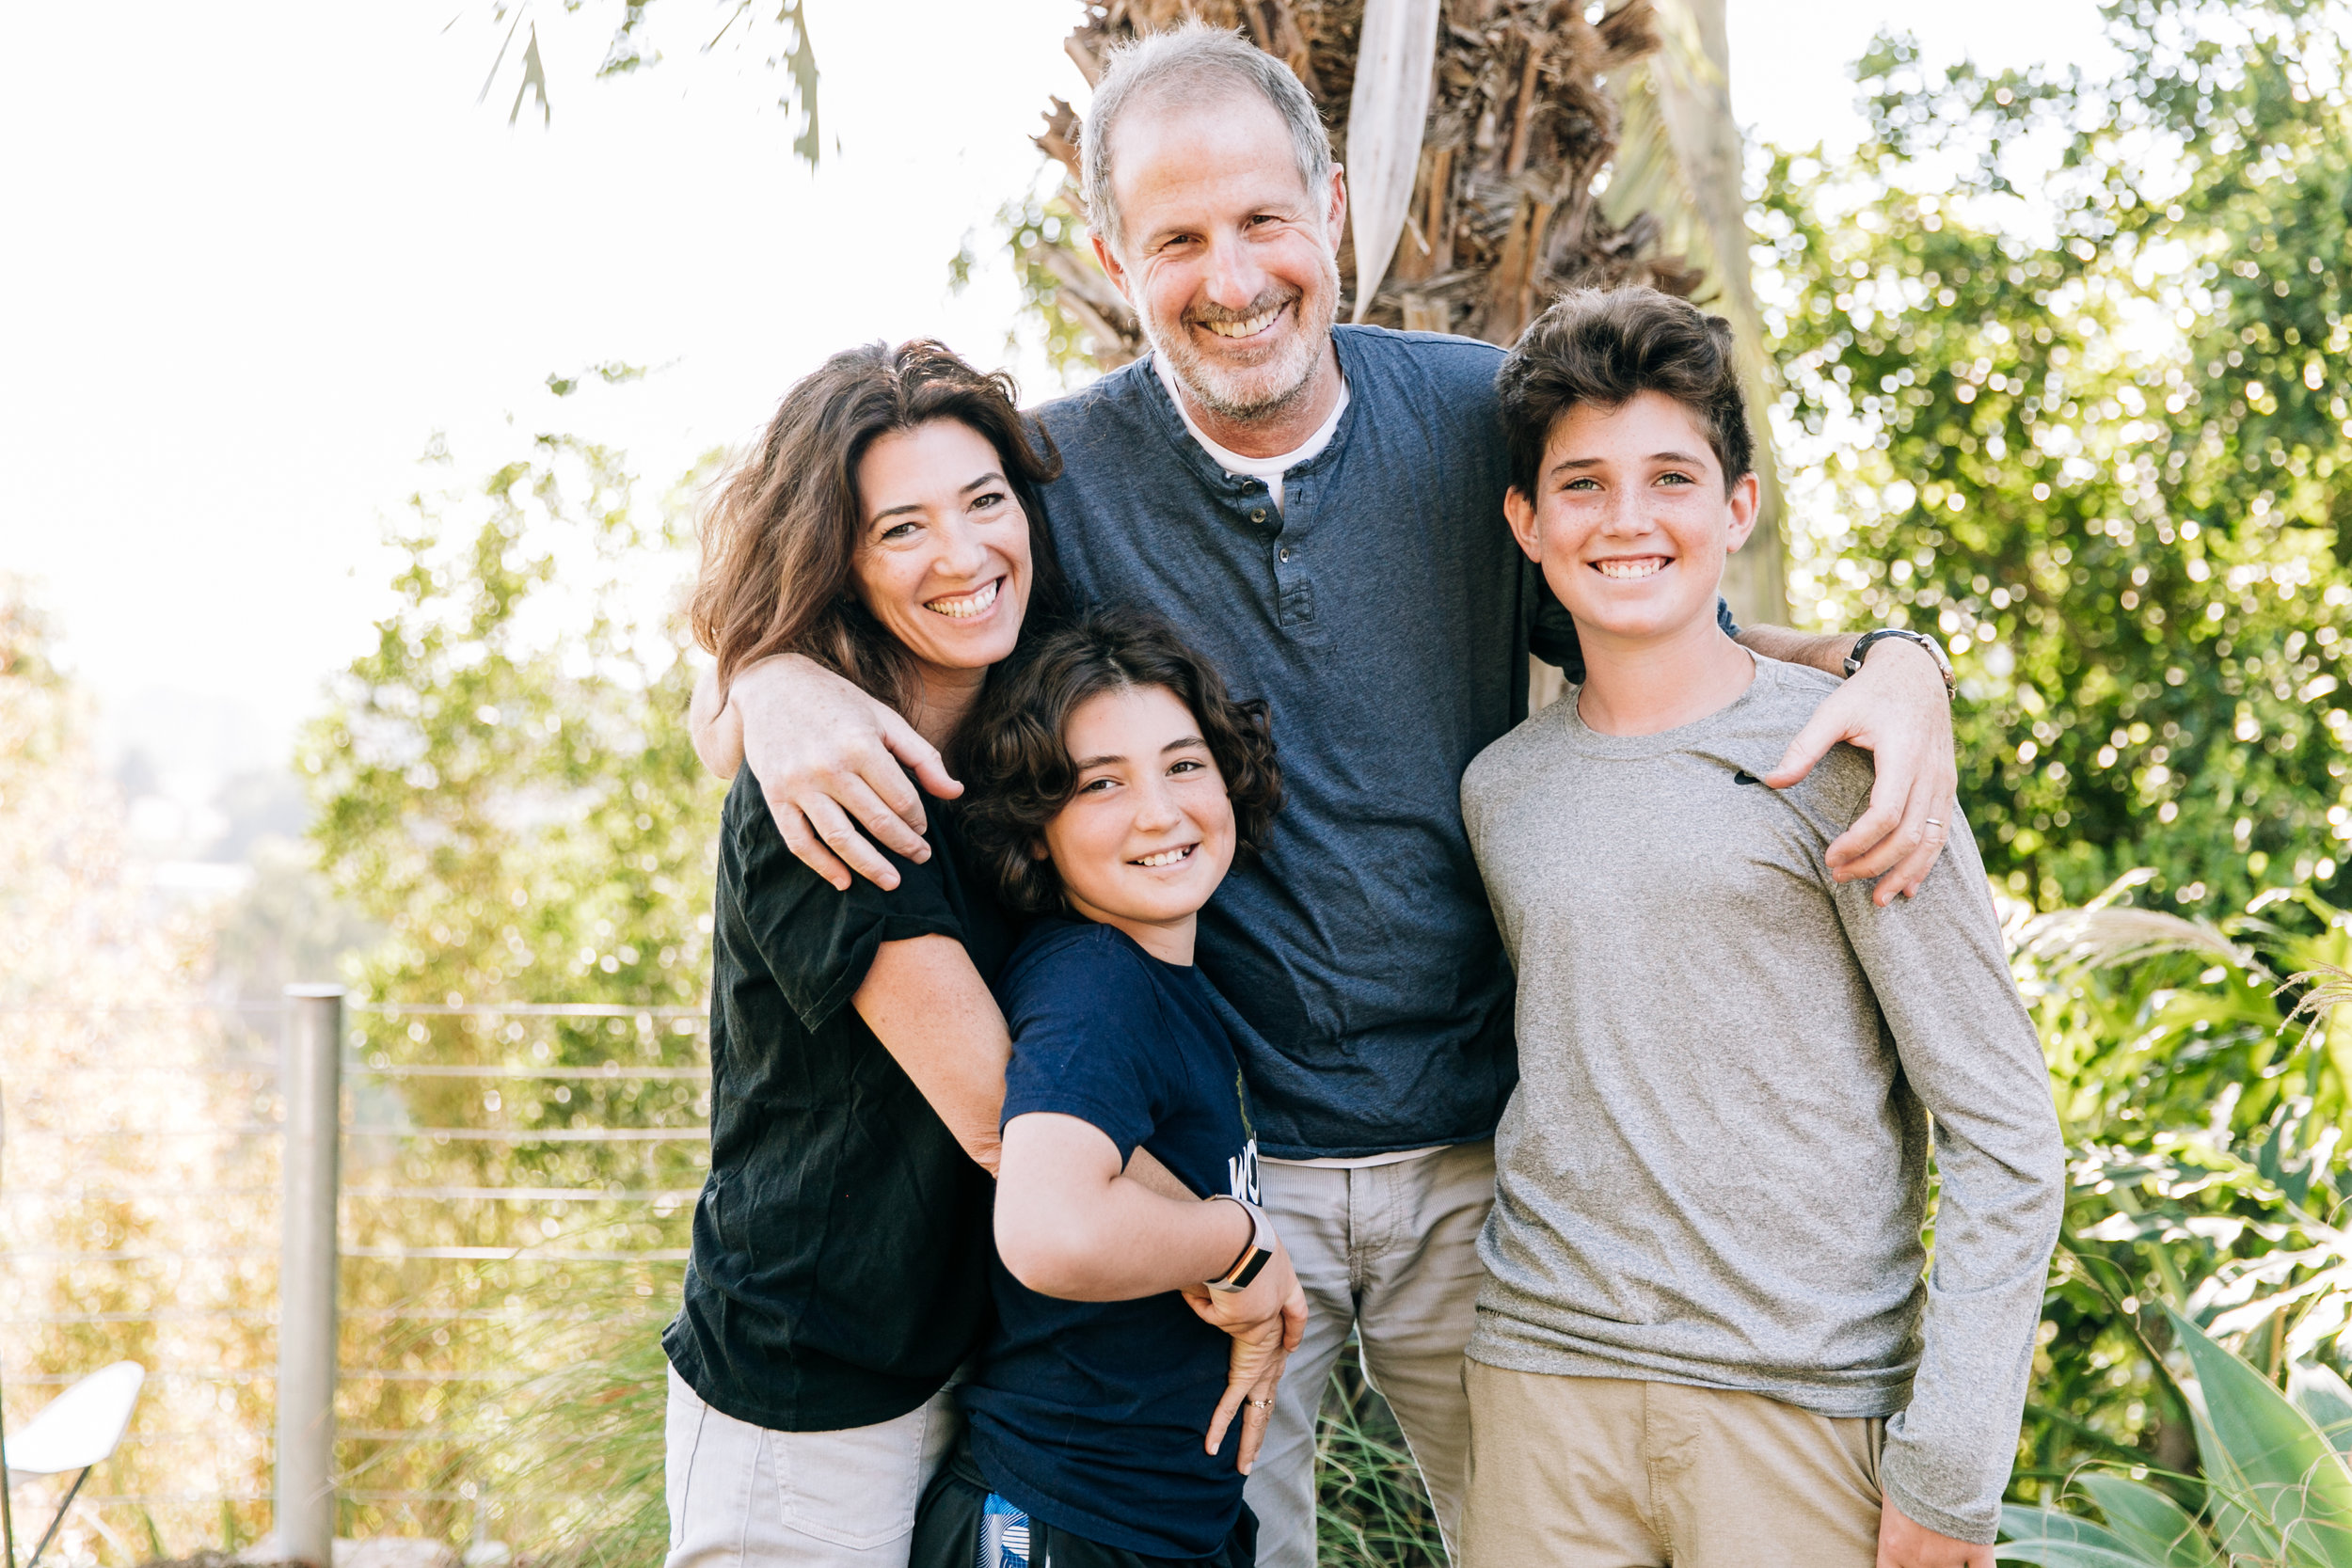 KaraNixonWeddings-LosAngeles-FamilySession-1.jpg